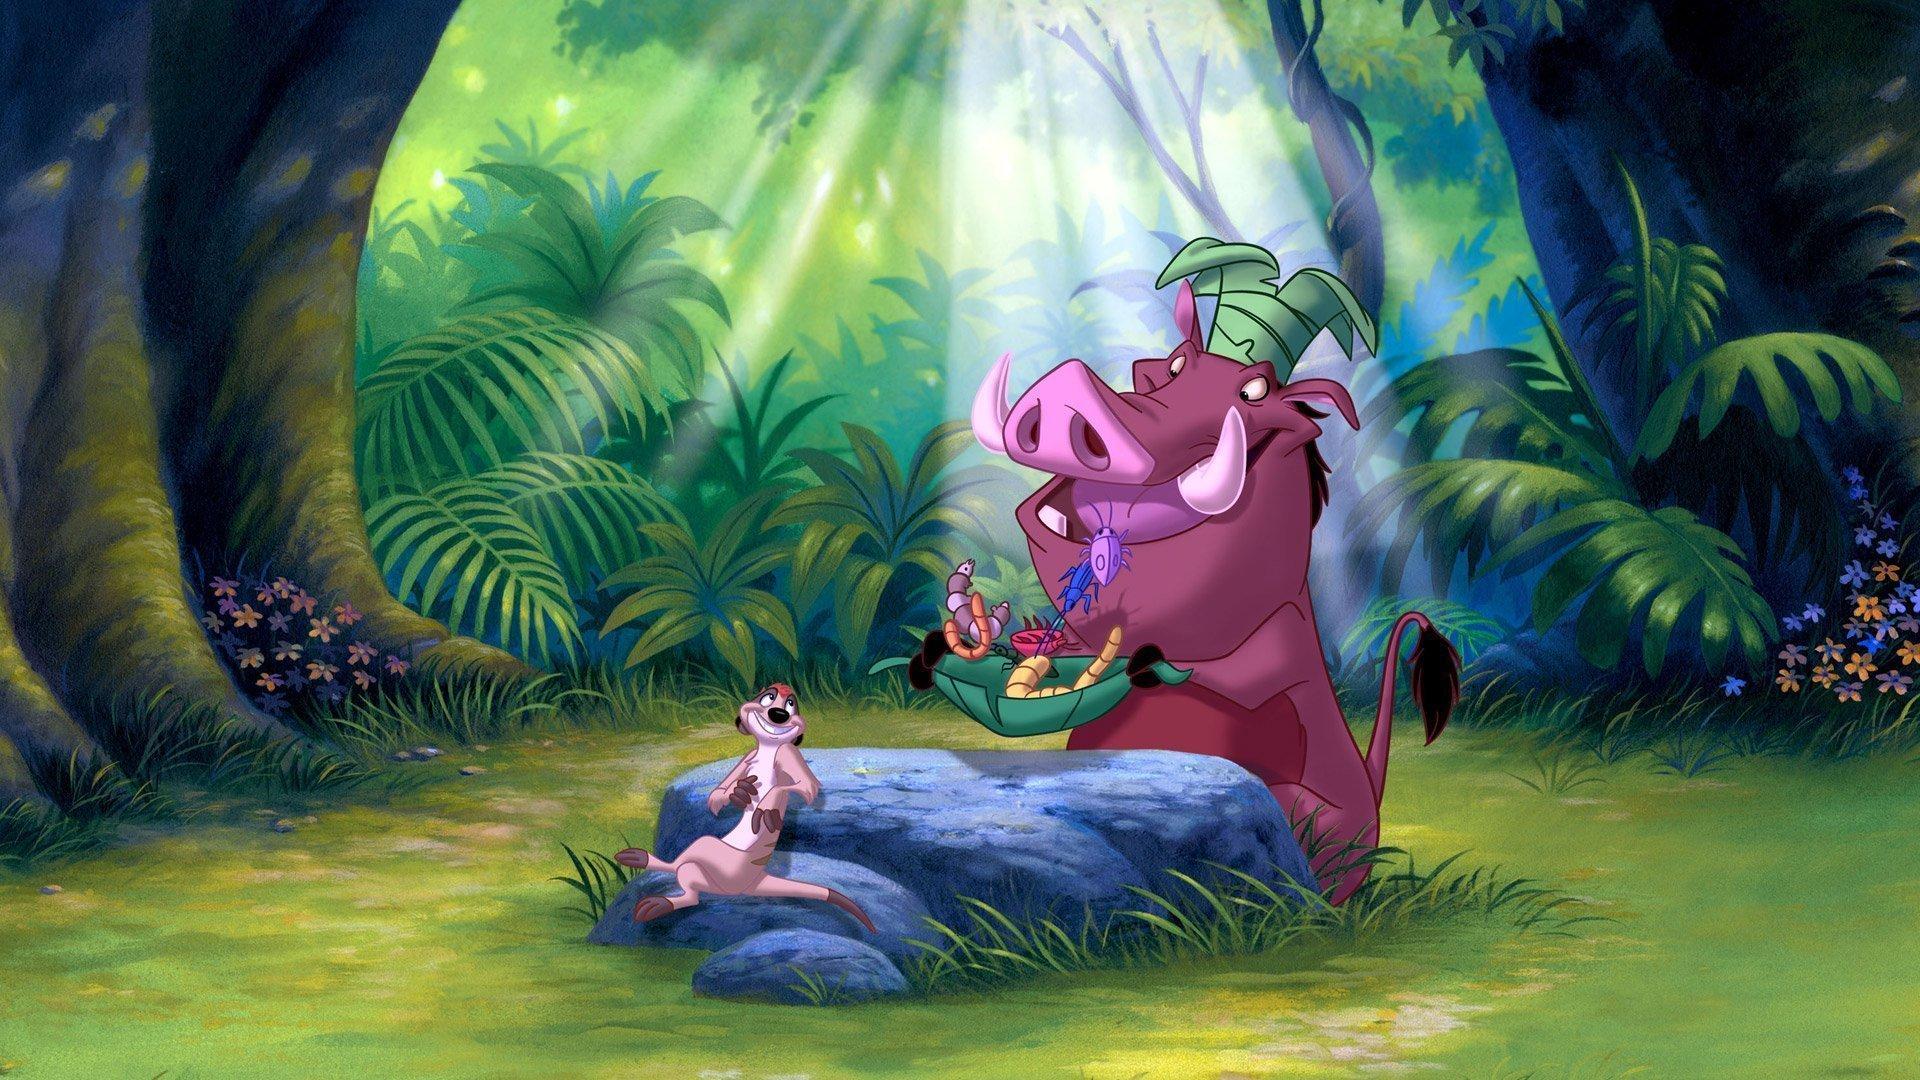 Timon und Pumbaa genießen an einem Stein ein Festmahl